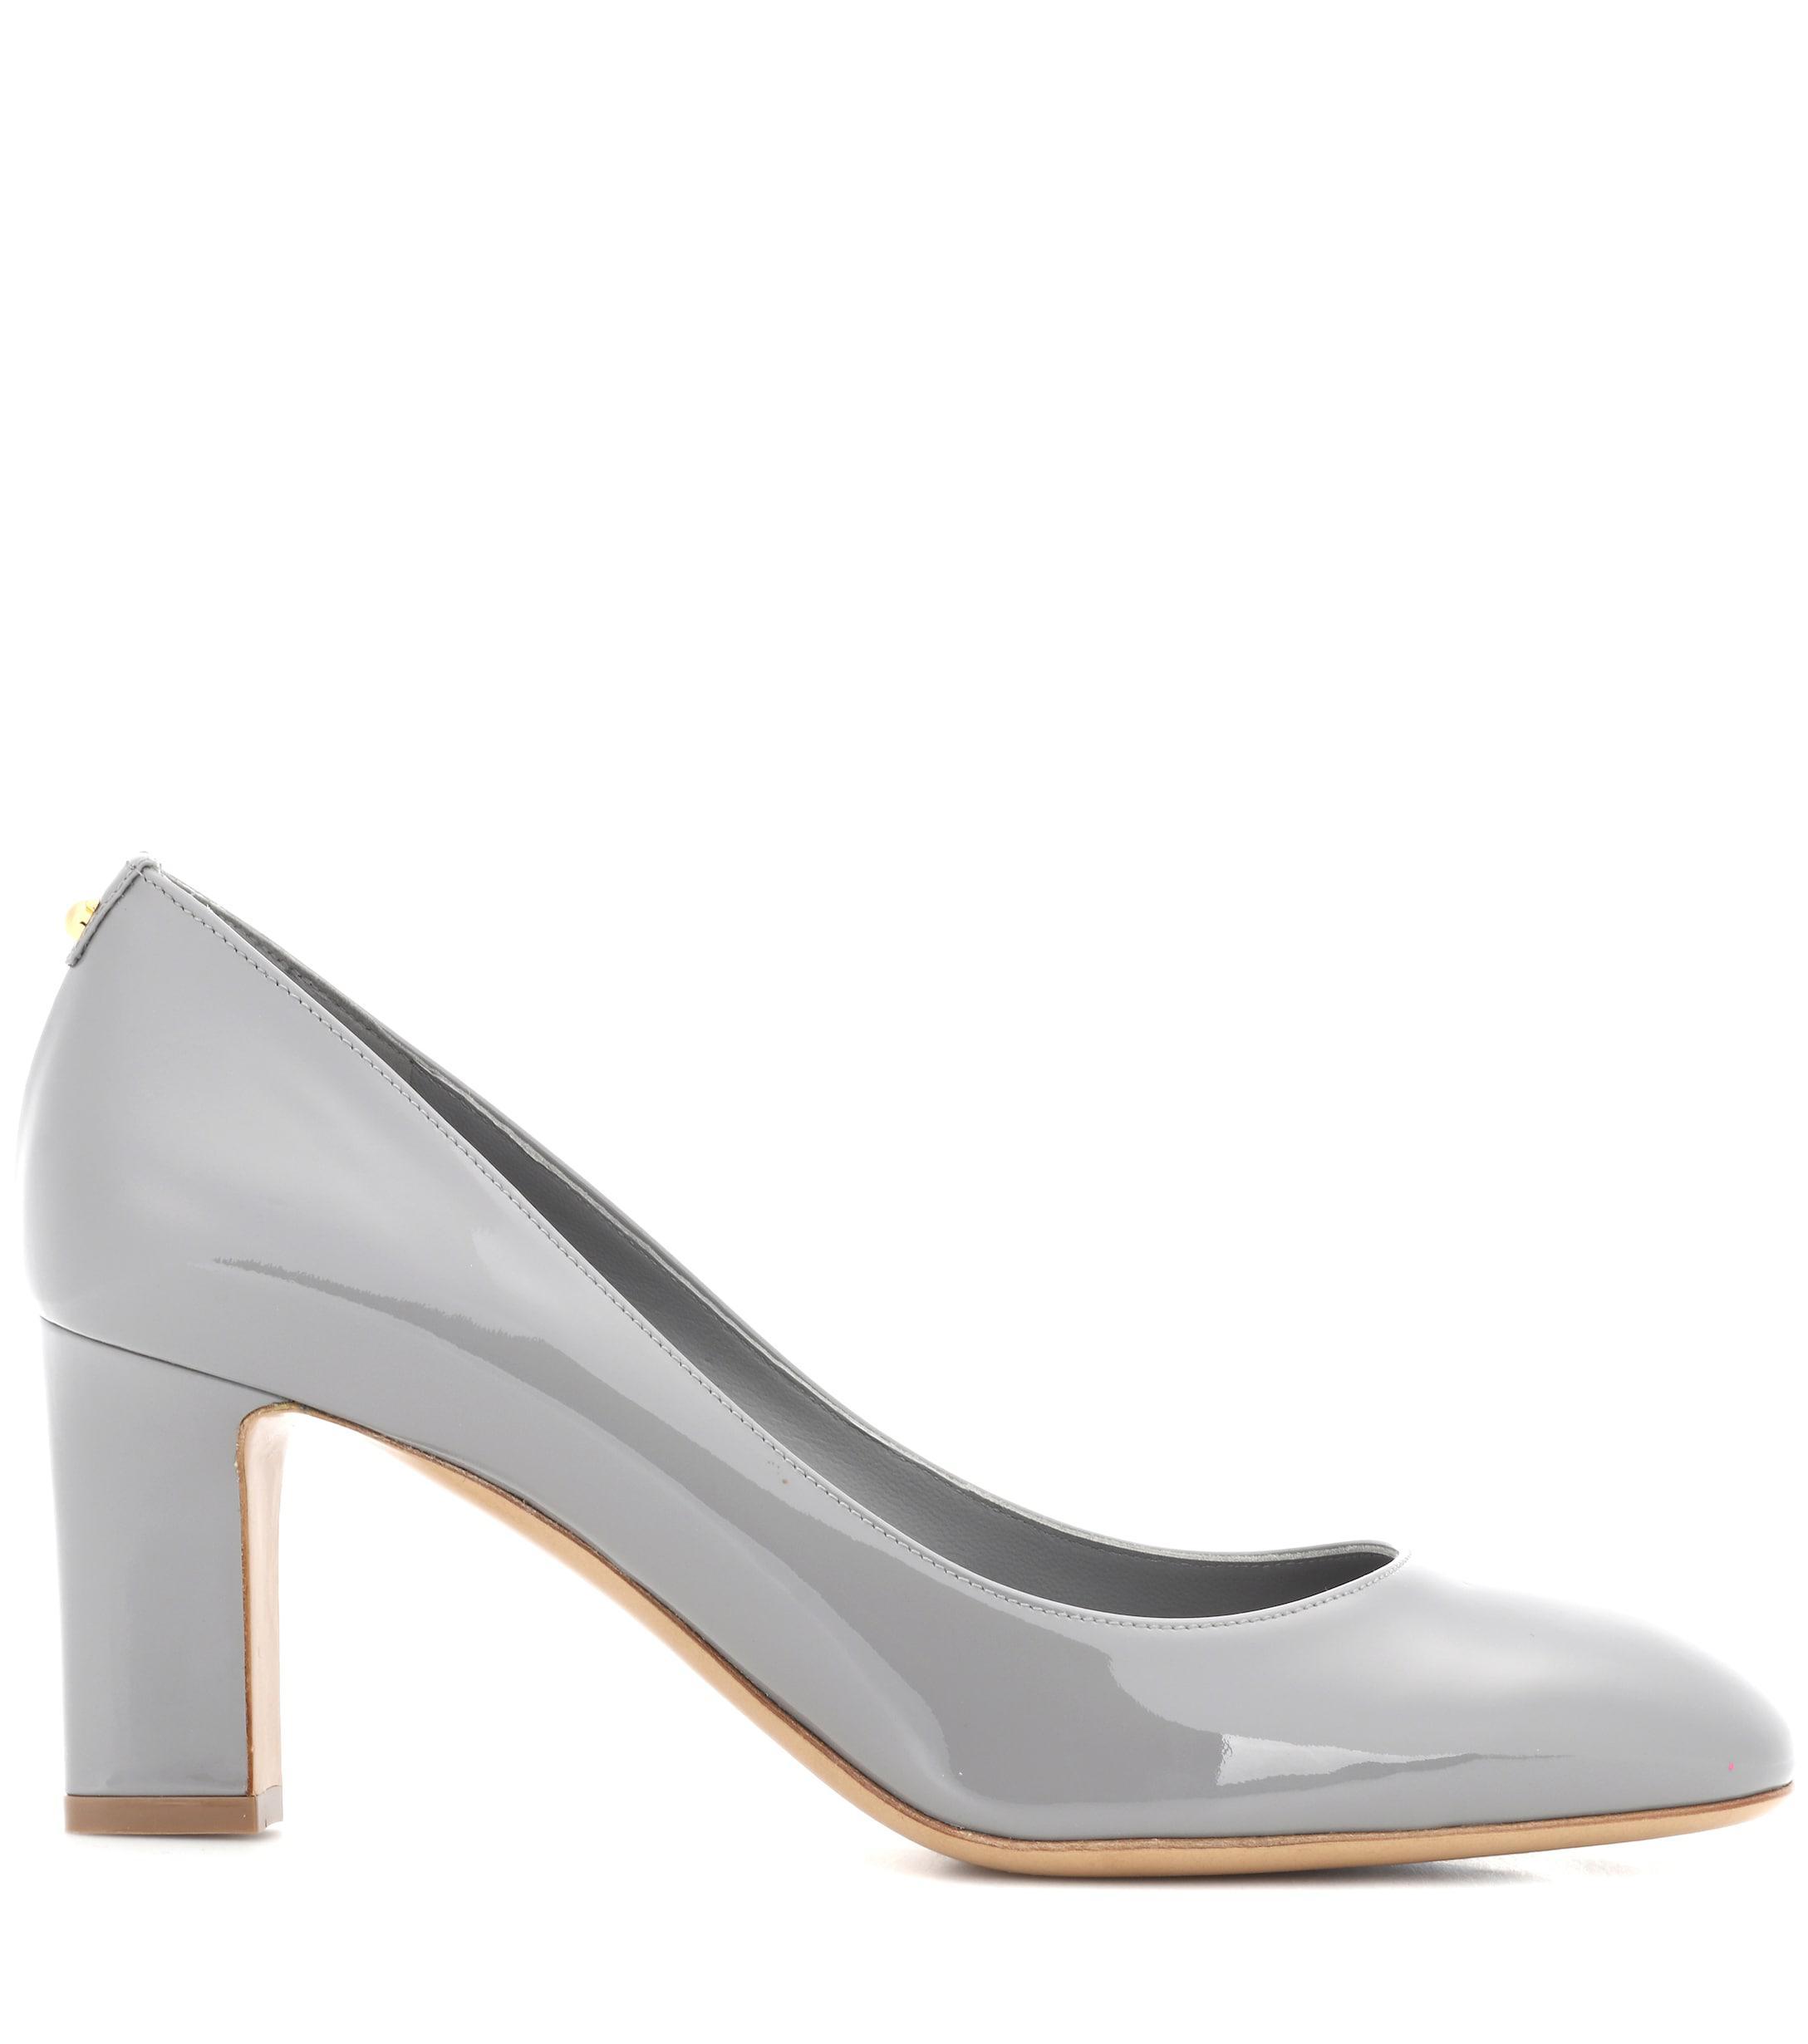 Zapatos de salón de charol Ferragamo de Cuero de color Gris